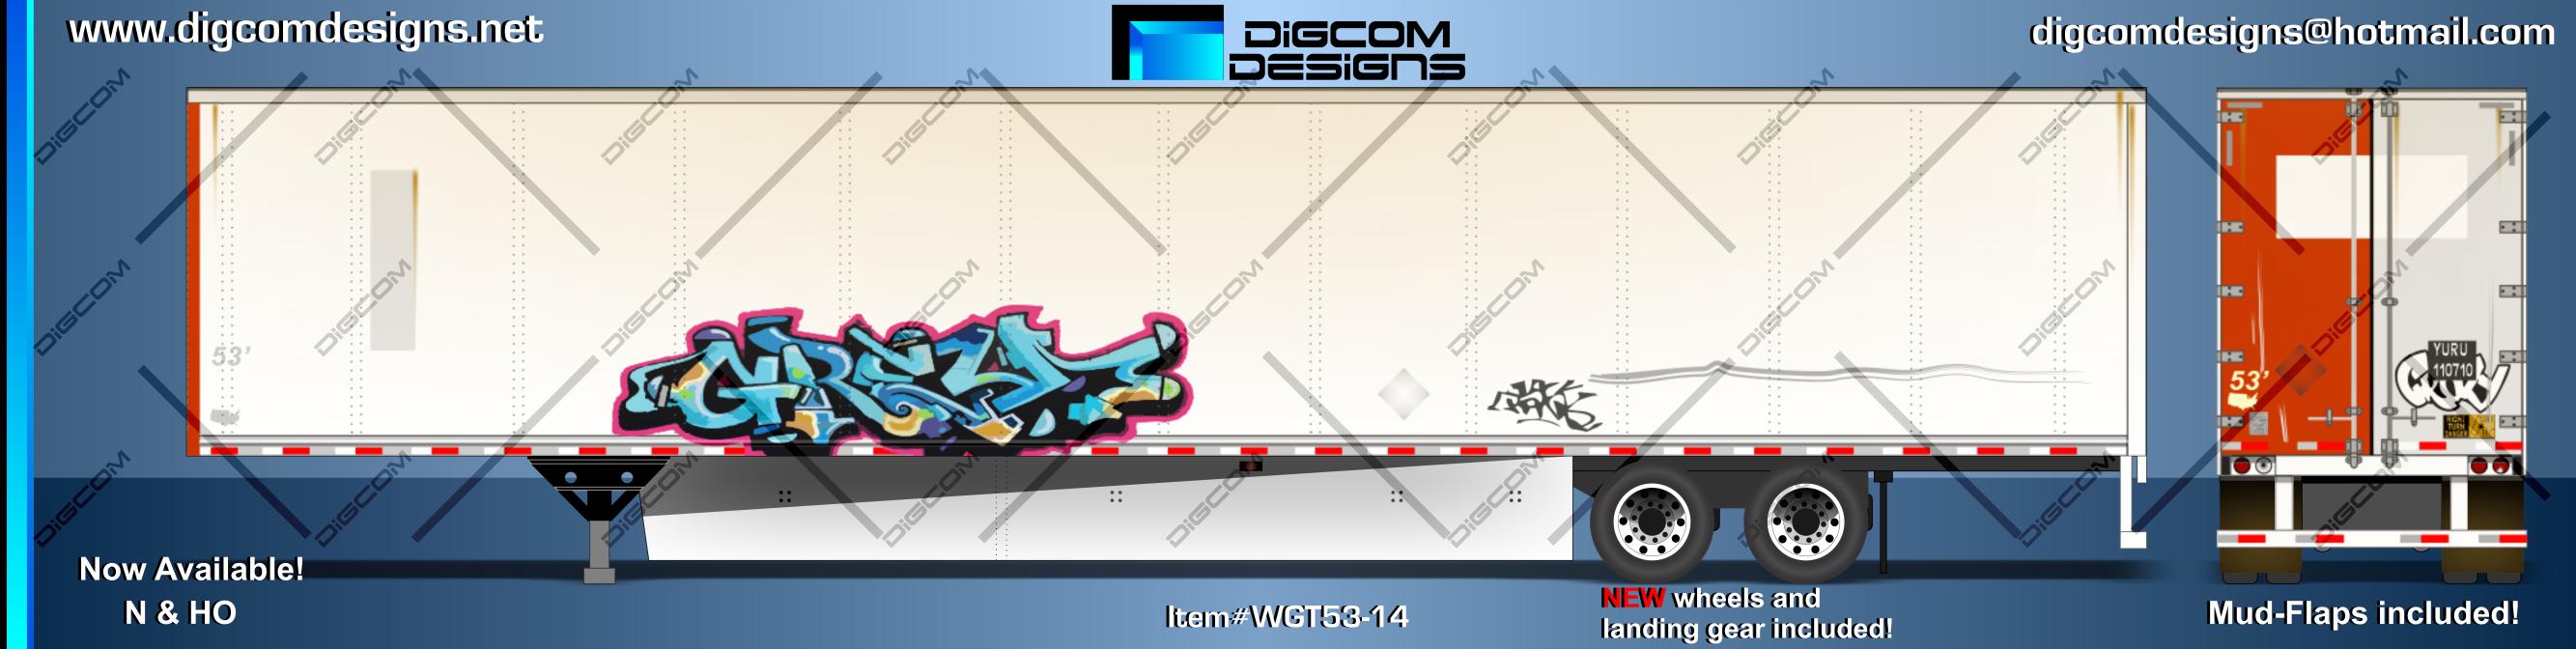 WGT53-14